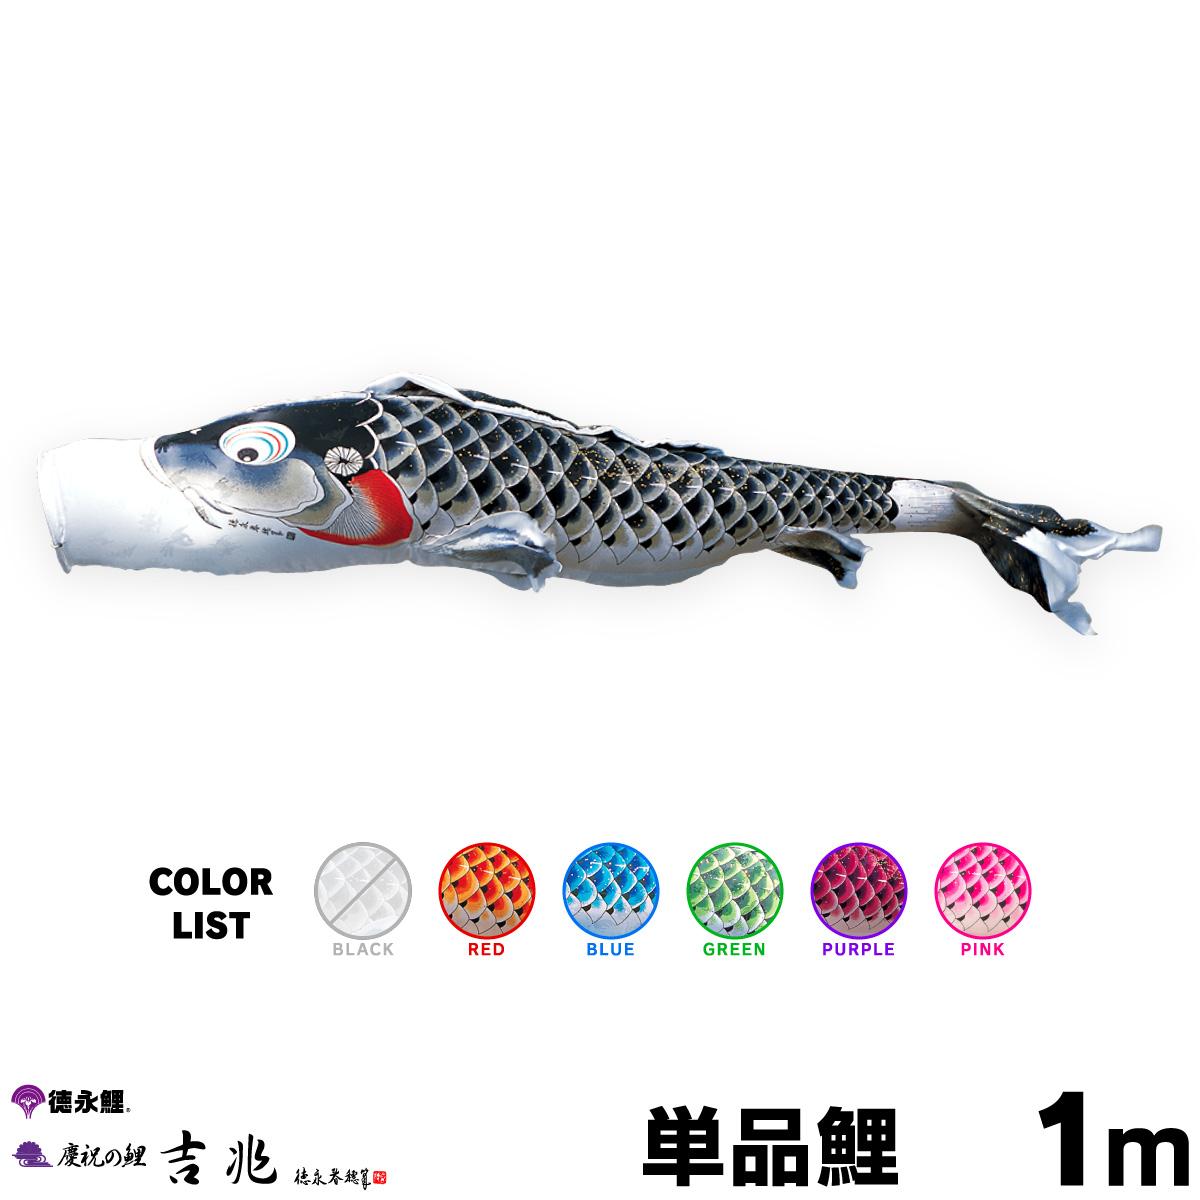 【こいのぼり 単品】 吉兆鯉 1m 単品鯉 赤 青 緑 紫 ピンク